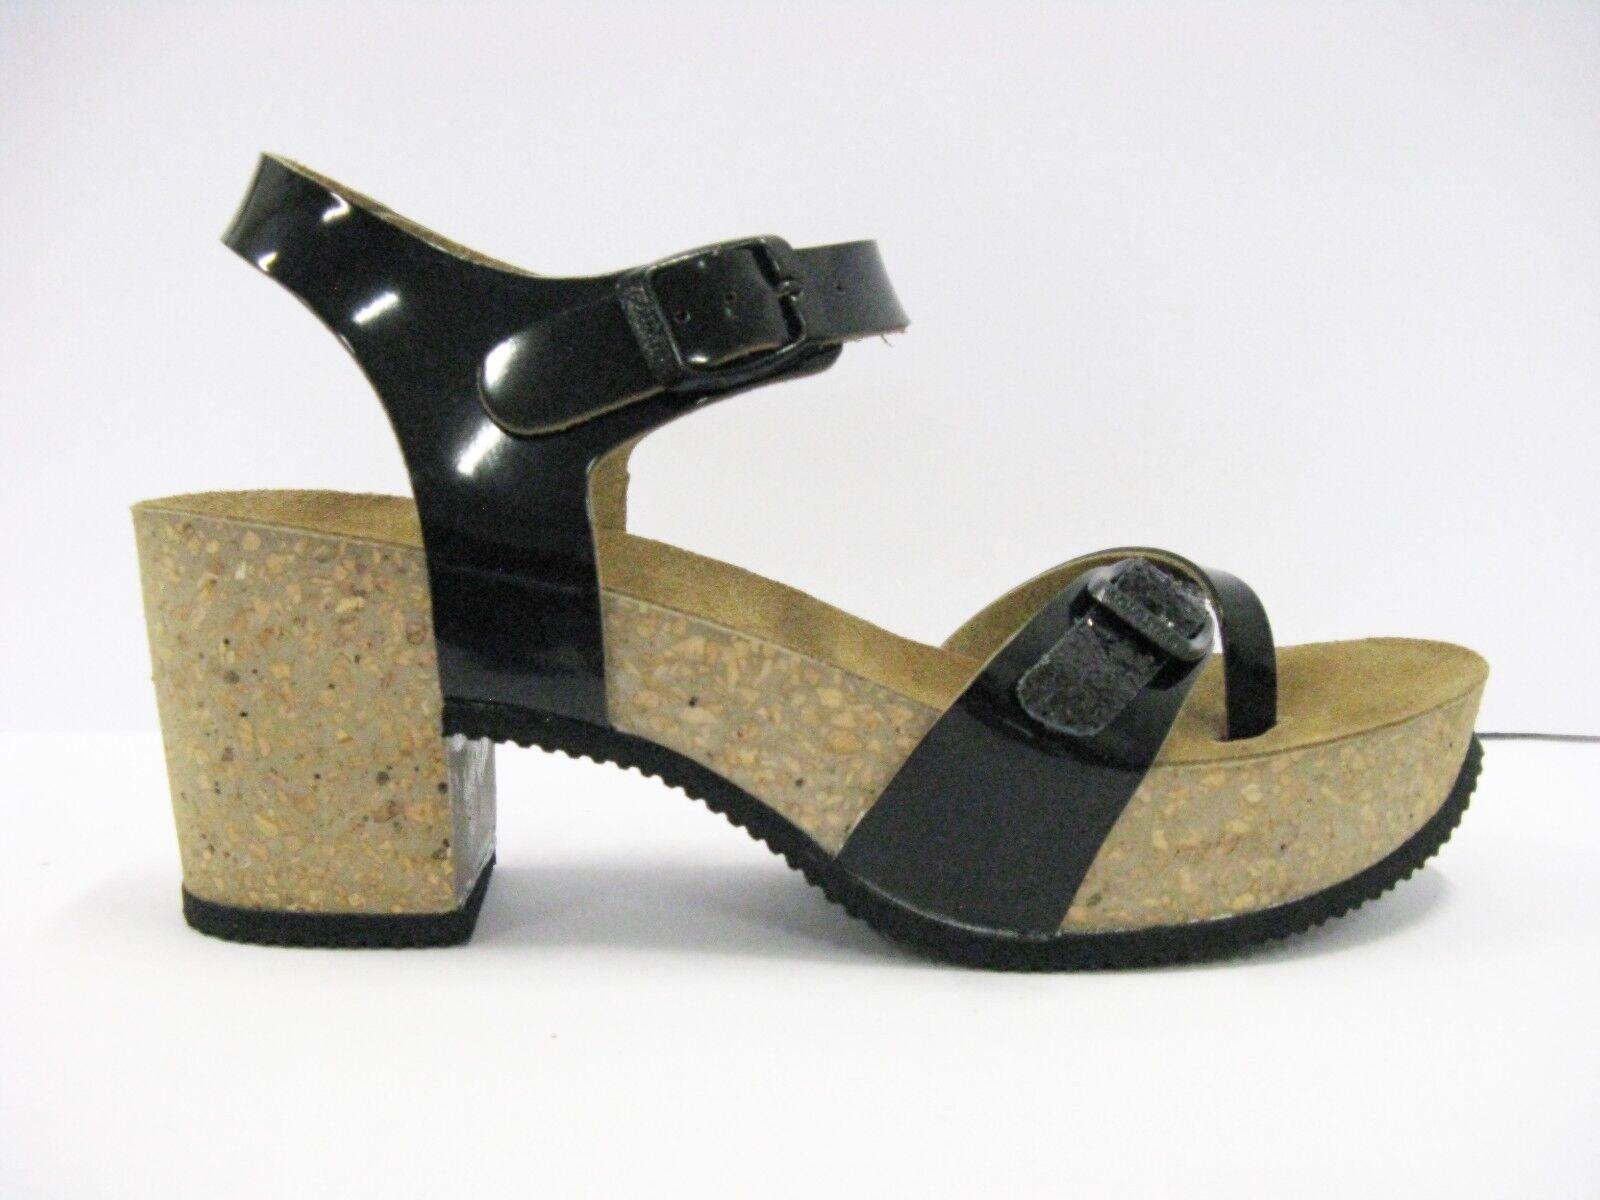 GOLDSTAR 1096 sandalo donna nero infradito anatomico tacco sughero nero donna glitter 7a937c